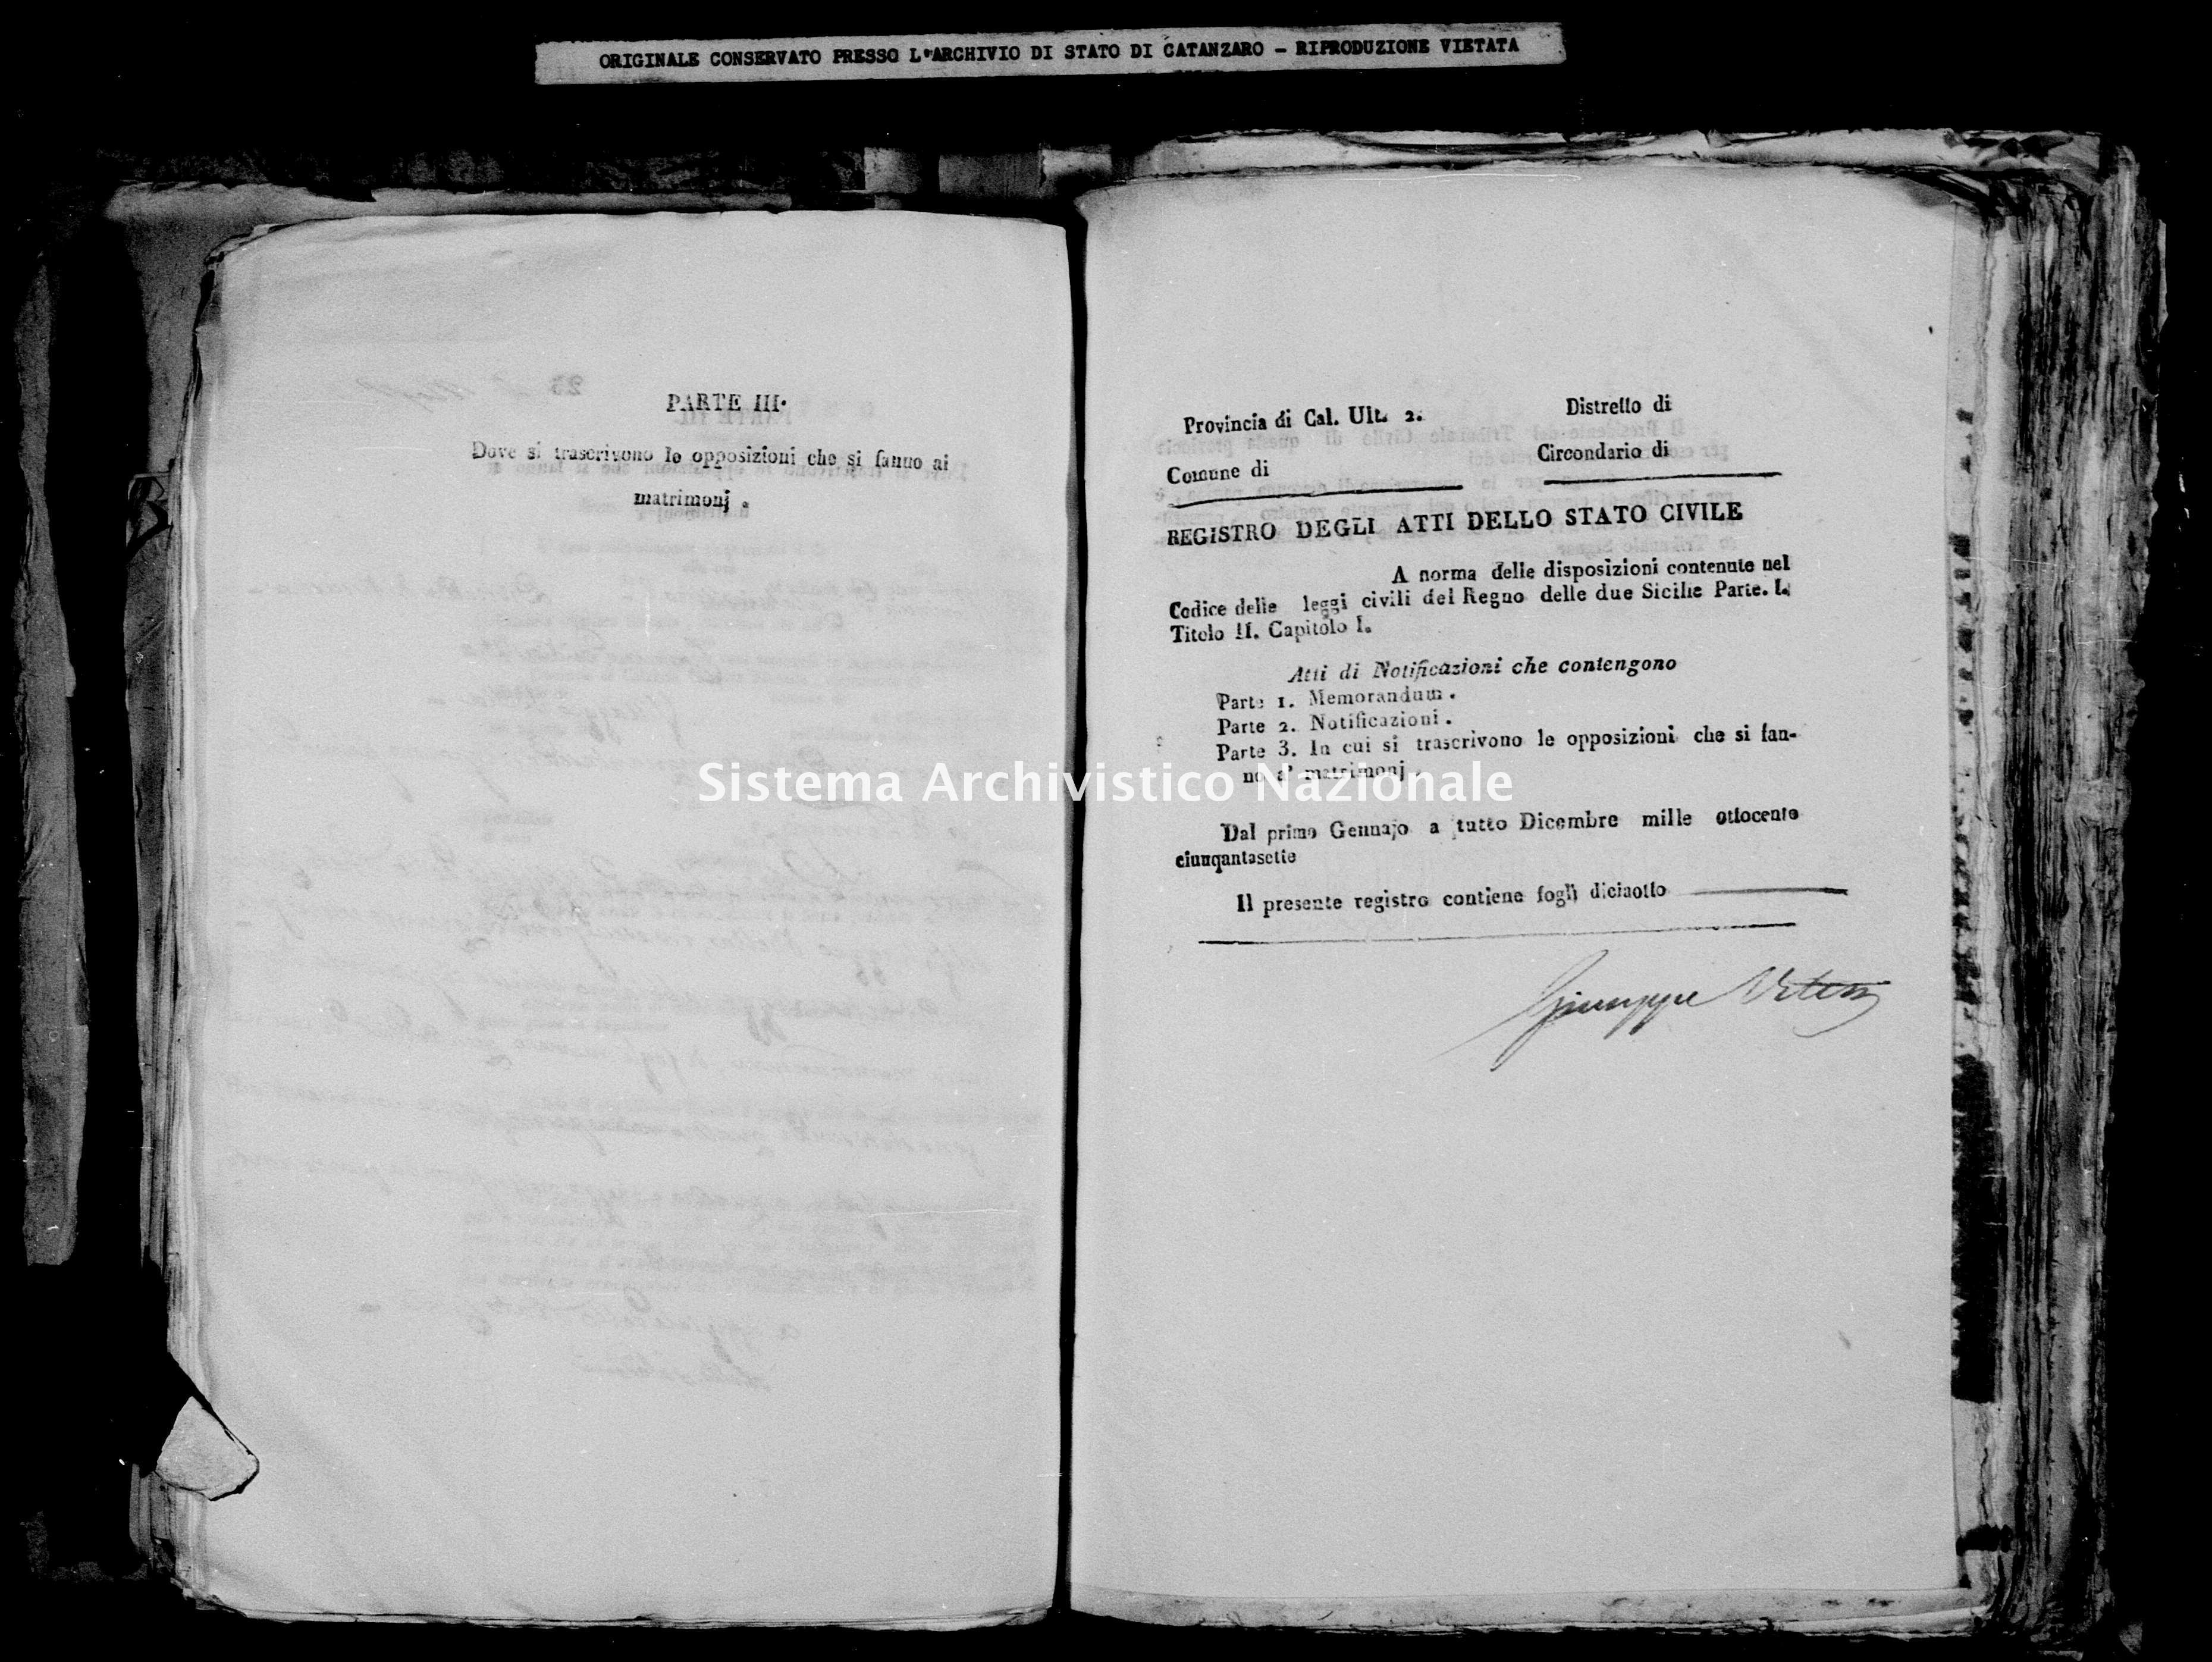 Archivio di stato di Catanzaro - Stato civile della restaurazione - Bella - Matrimoni, notificazioni - 1857 -